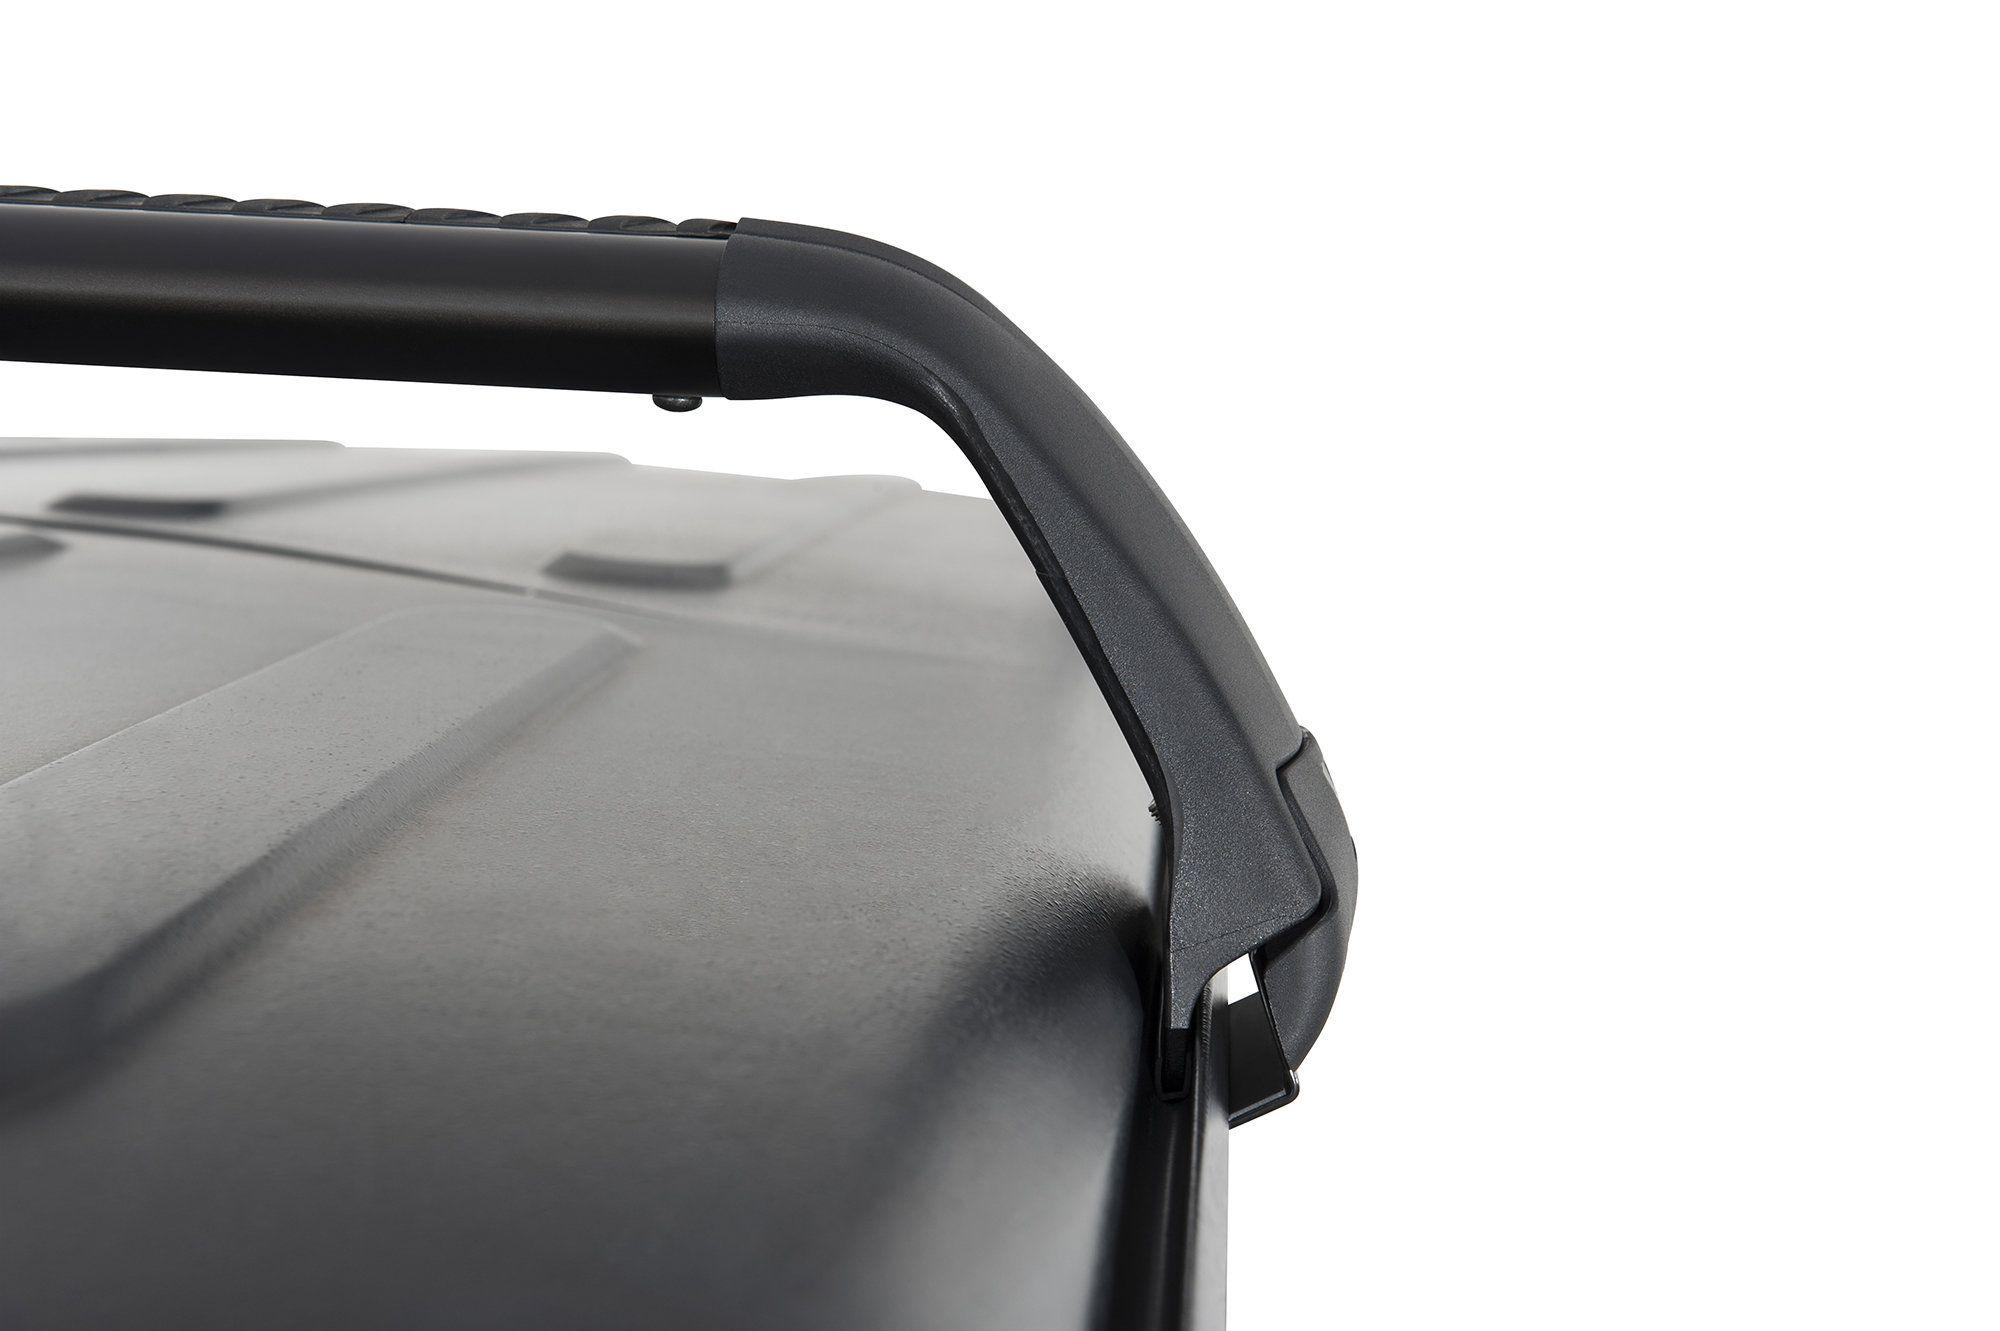 Rhino Rack Sg59 Gutter Mount Vortex 2 Bar Roof Rack For 07 20 Wrangler Jl Jk Unlimited Roof Rack Jeep Wrangler Unlimited Take Apart